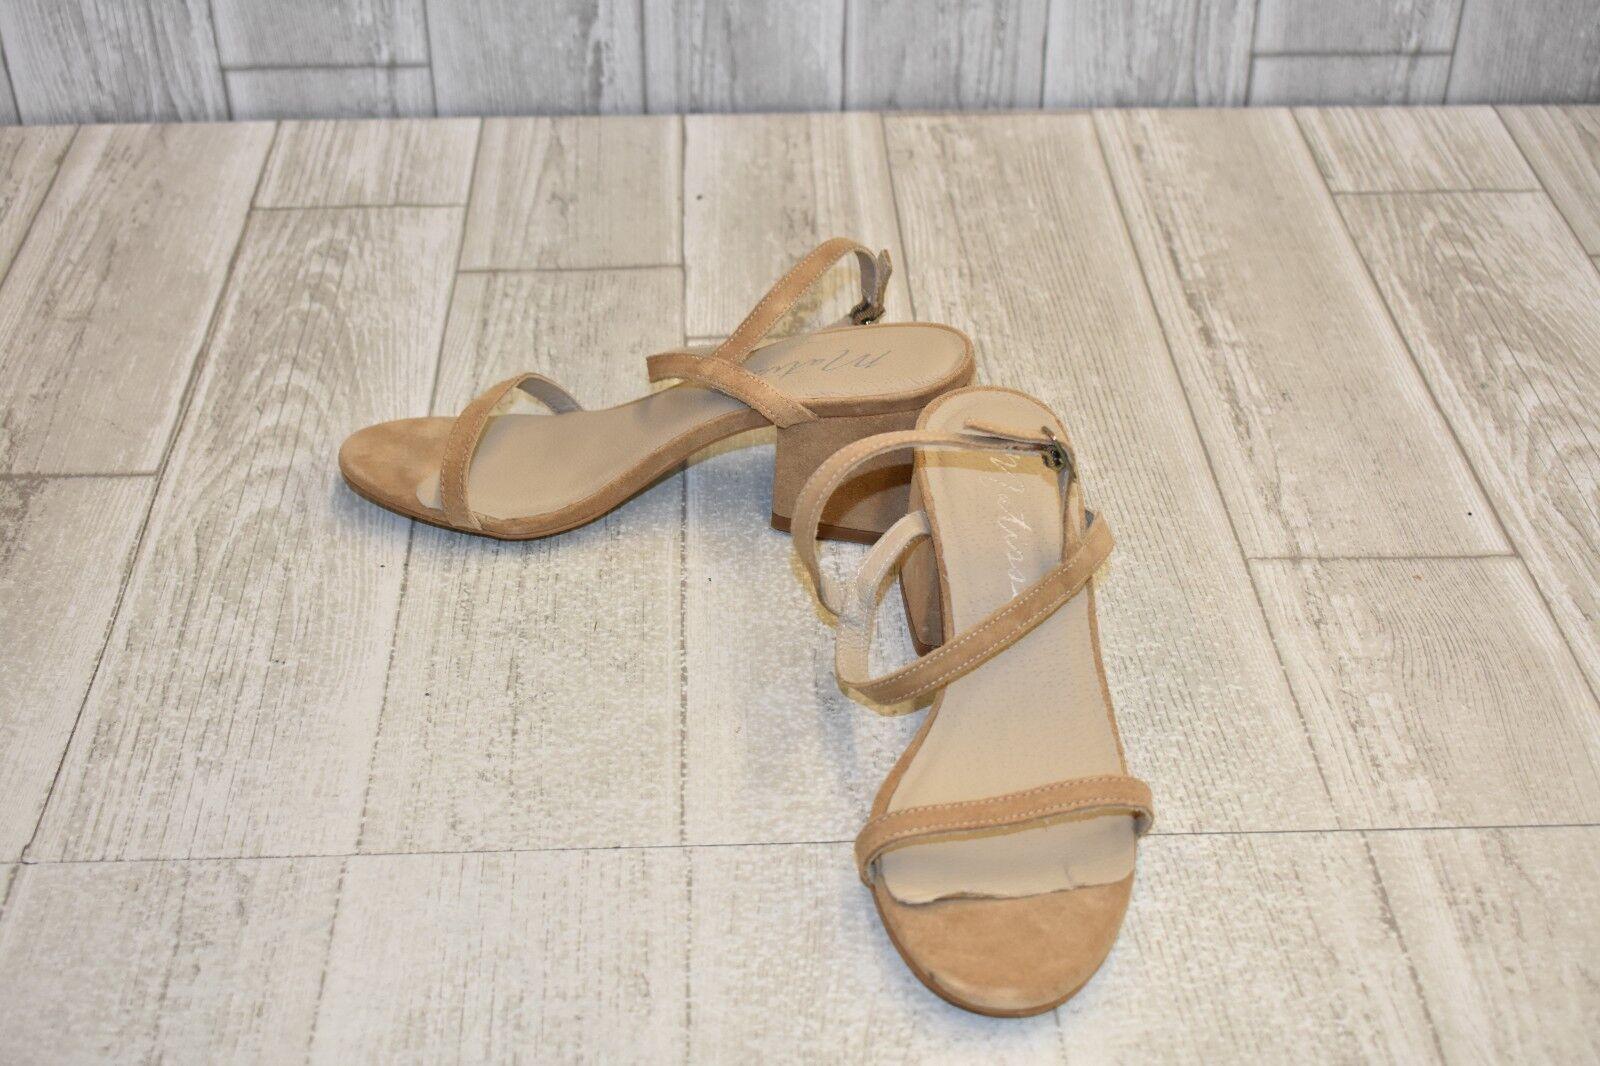 Matisse-Stella Sandalias para mujer mujer mujer Talla 7.5 M, Bronceado  barato y de alta calidad